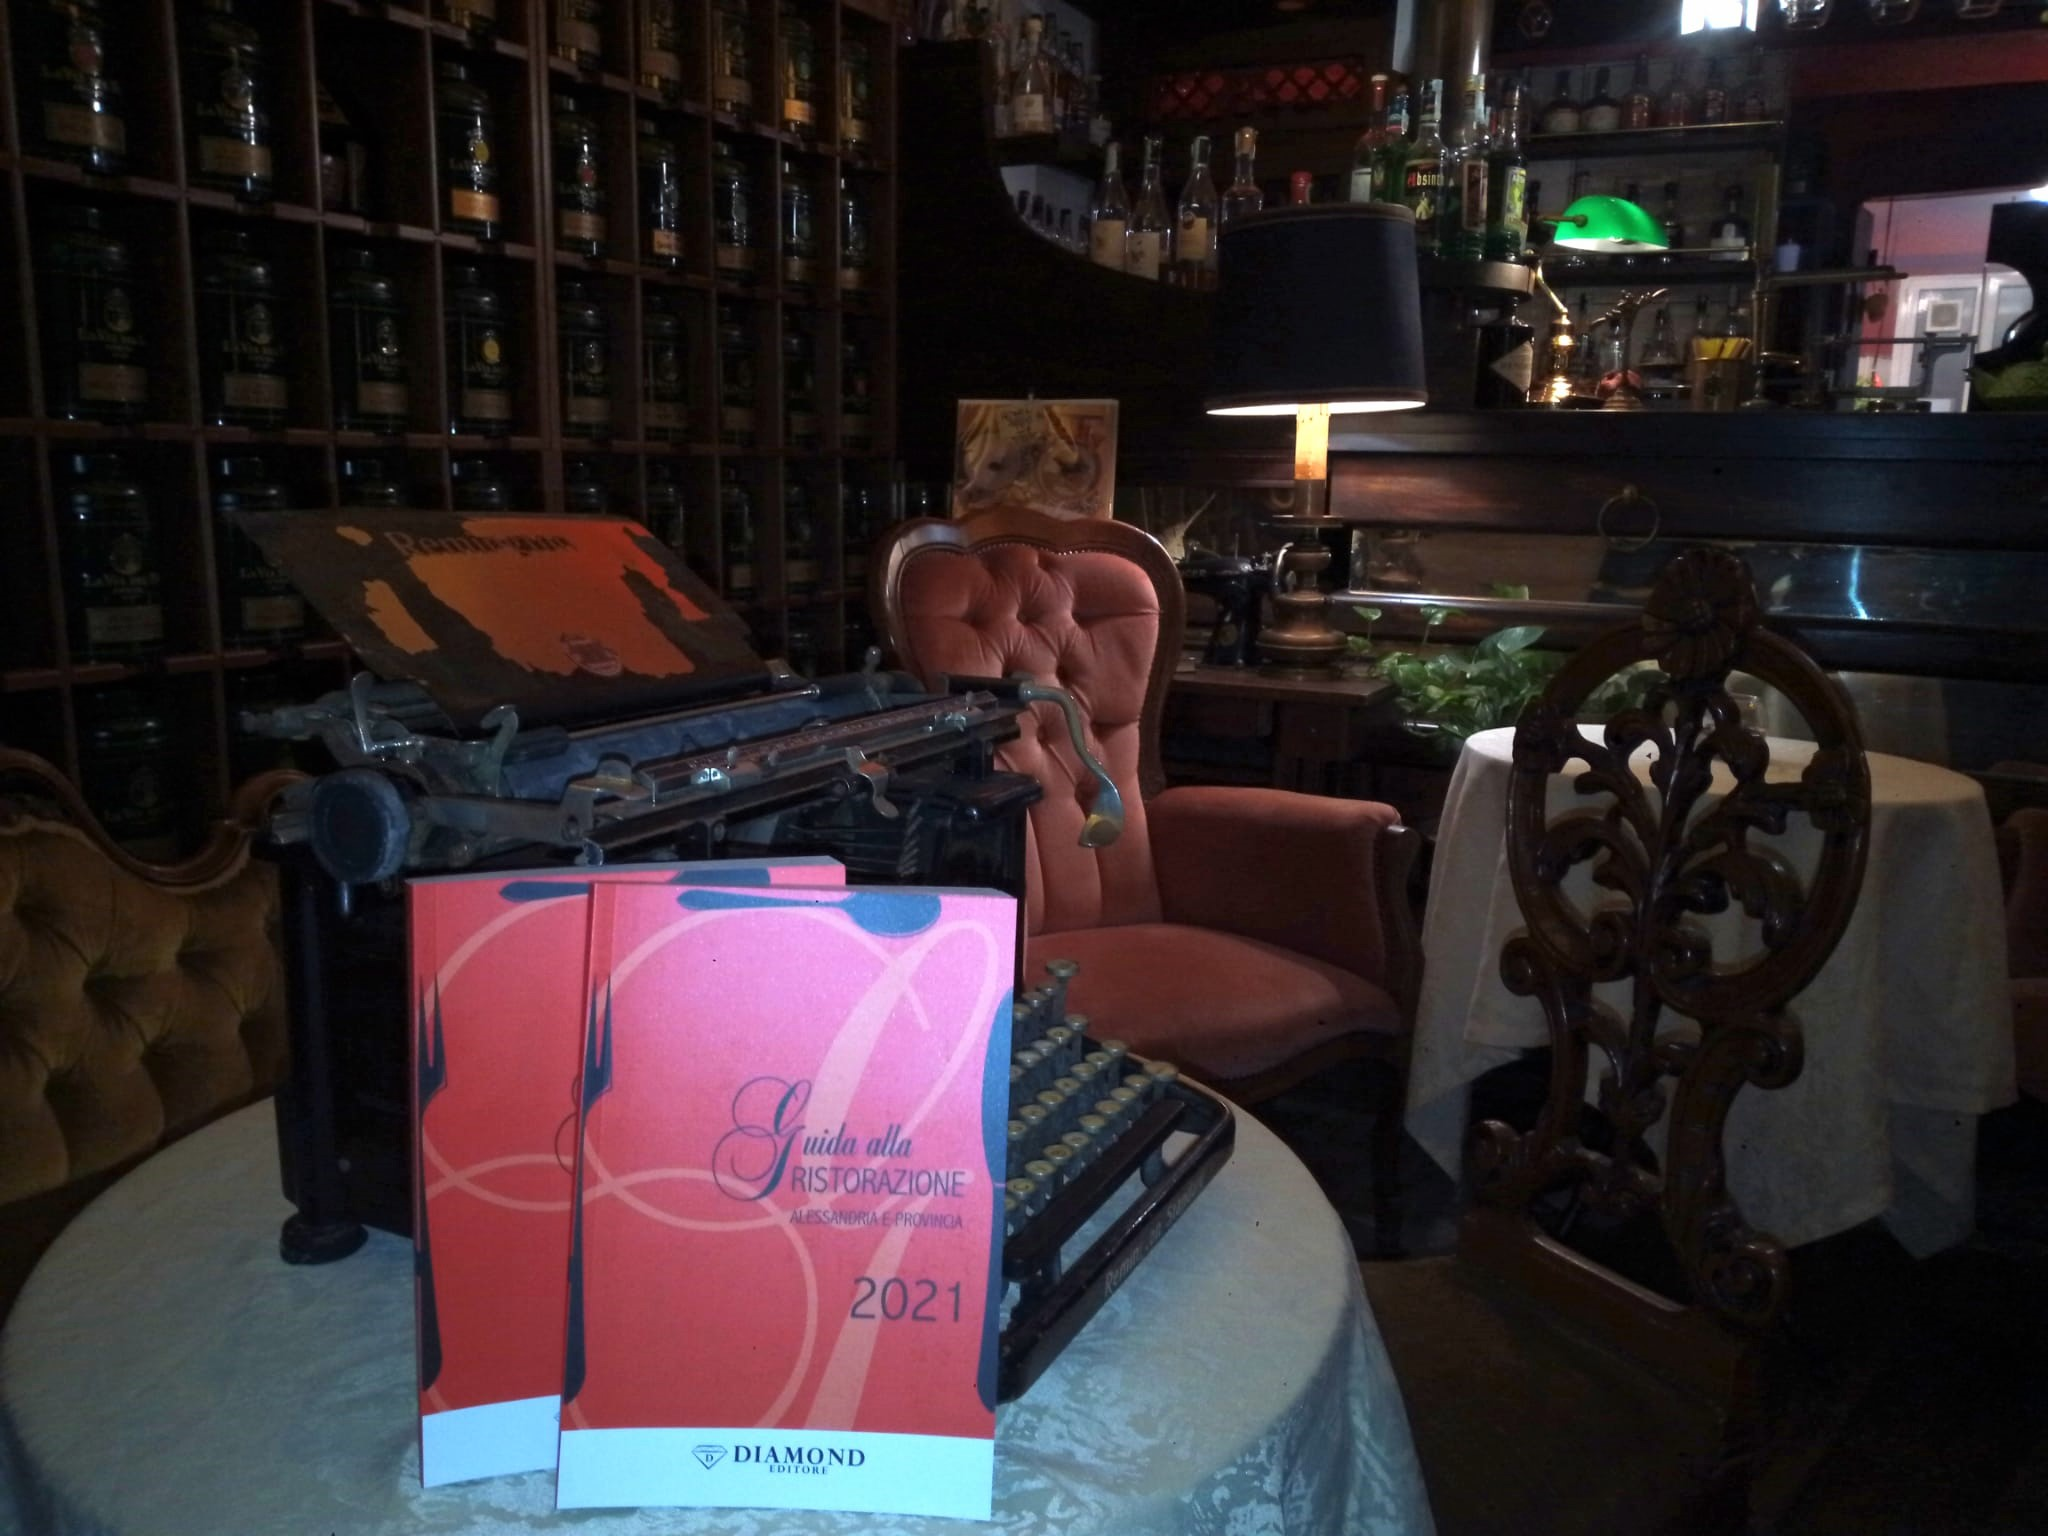 Guida alla Ristorazione Alessandria e provincia 2021- Dorian Gray Restaurant Bistrot